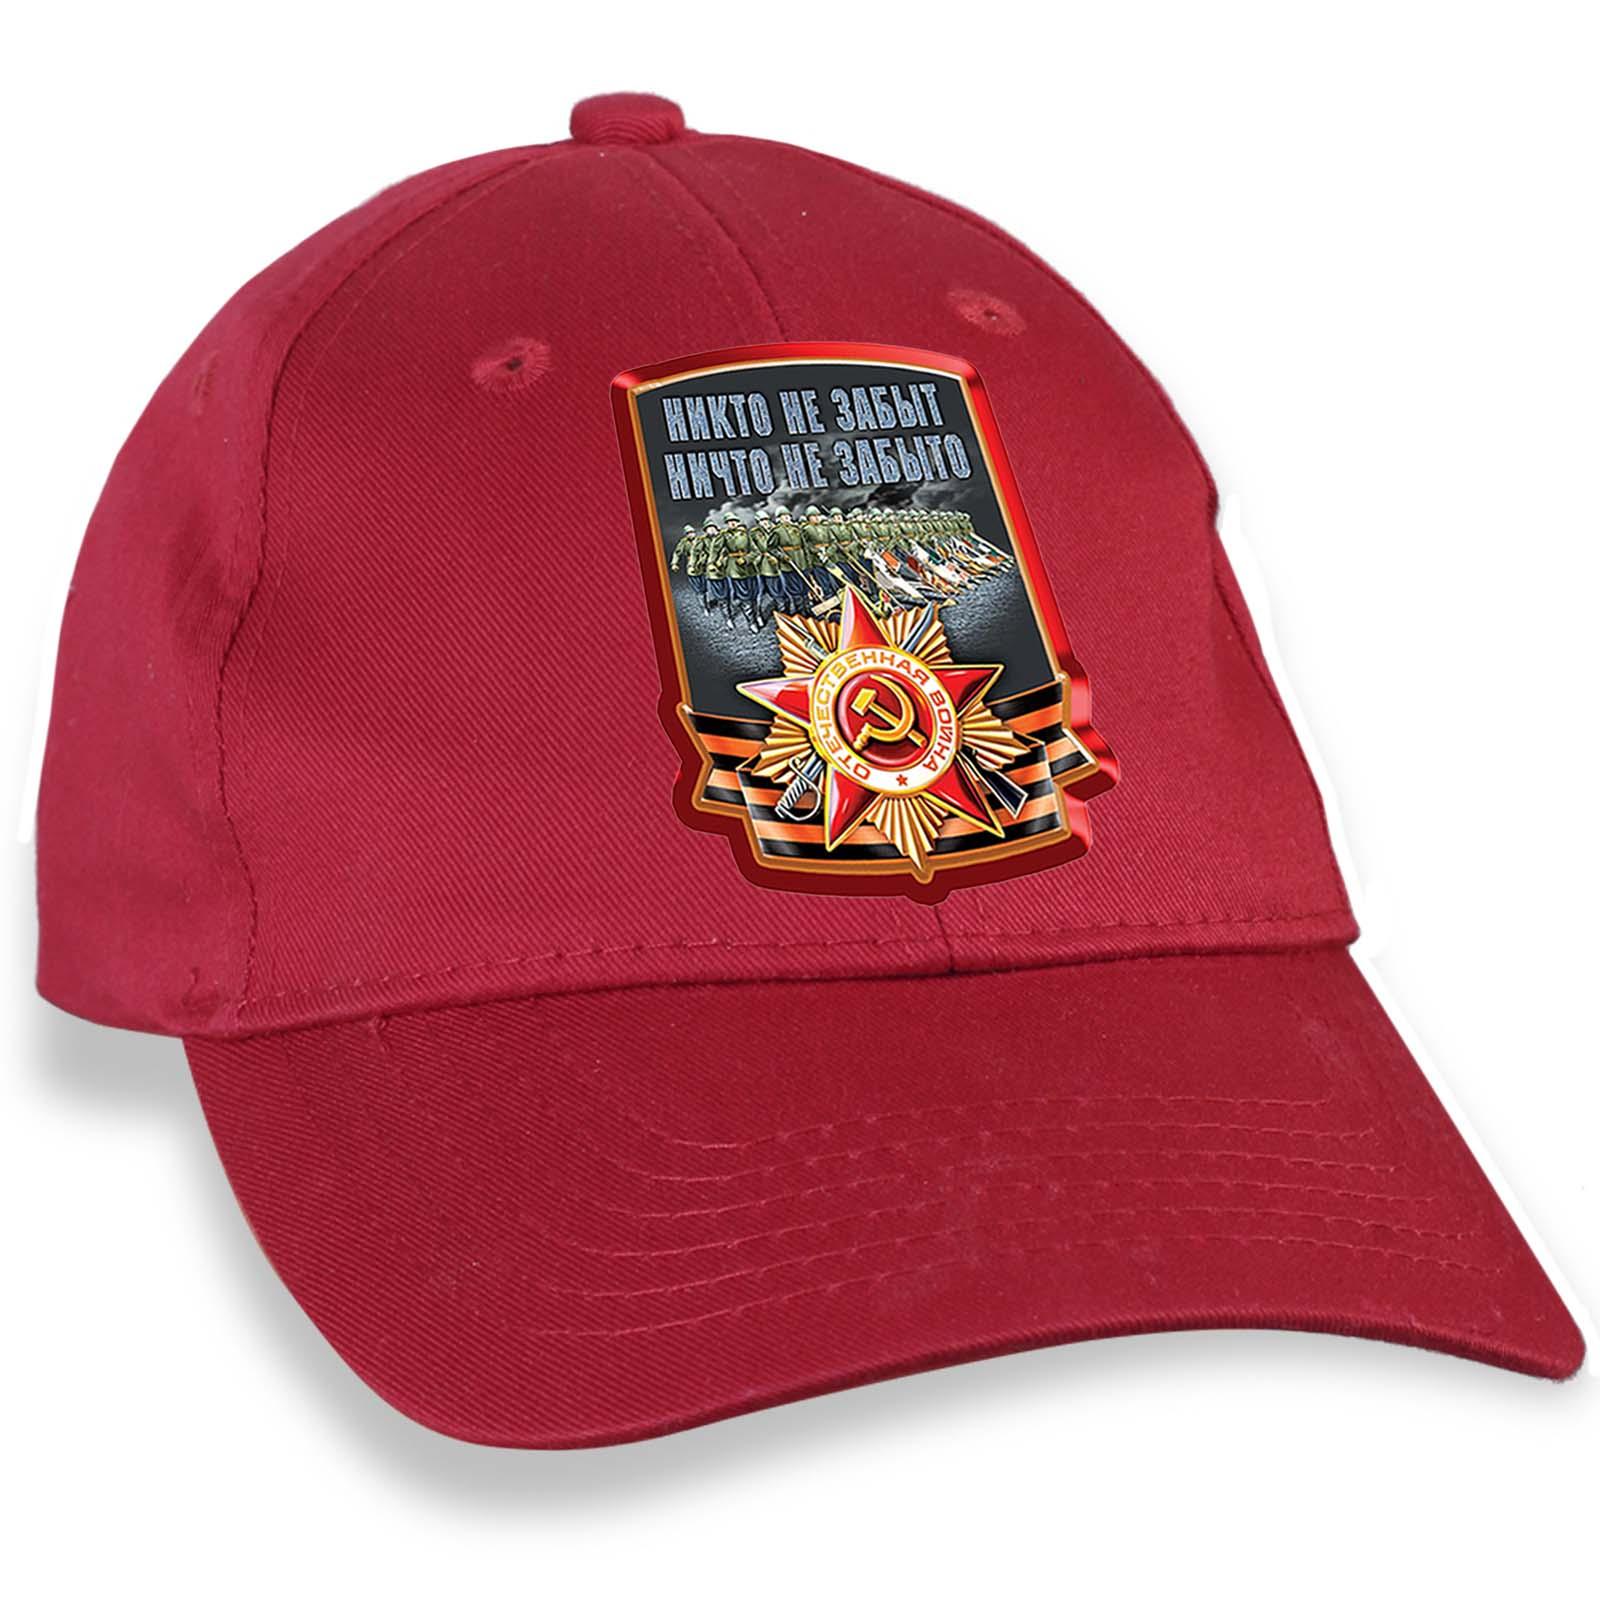 Красная кепка «Никто не забыт, ничто не забыто» на День Победы